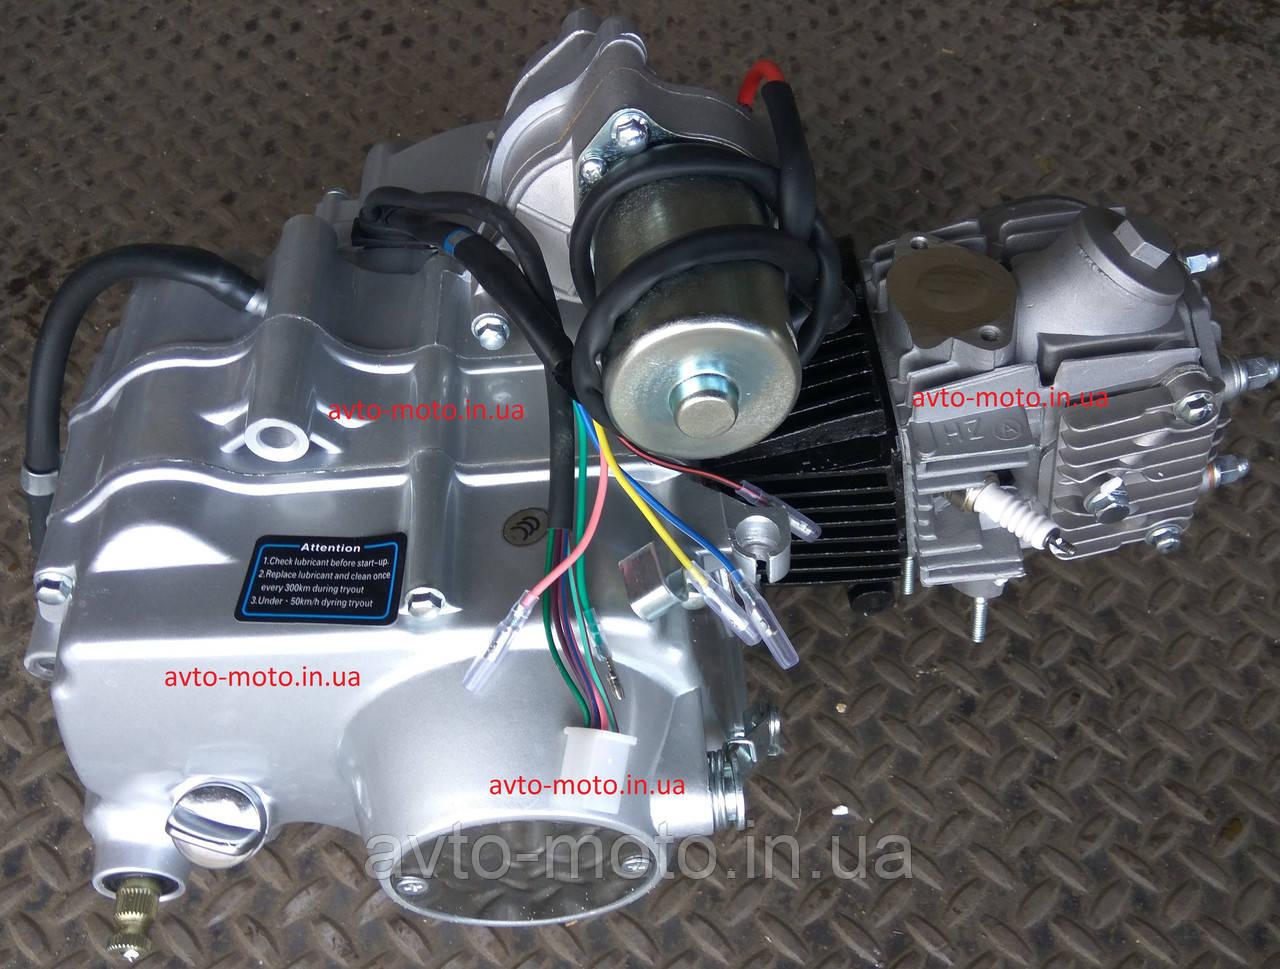 Двигатель Дельта 70 см3 механика (слон)